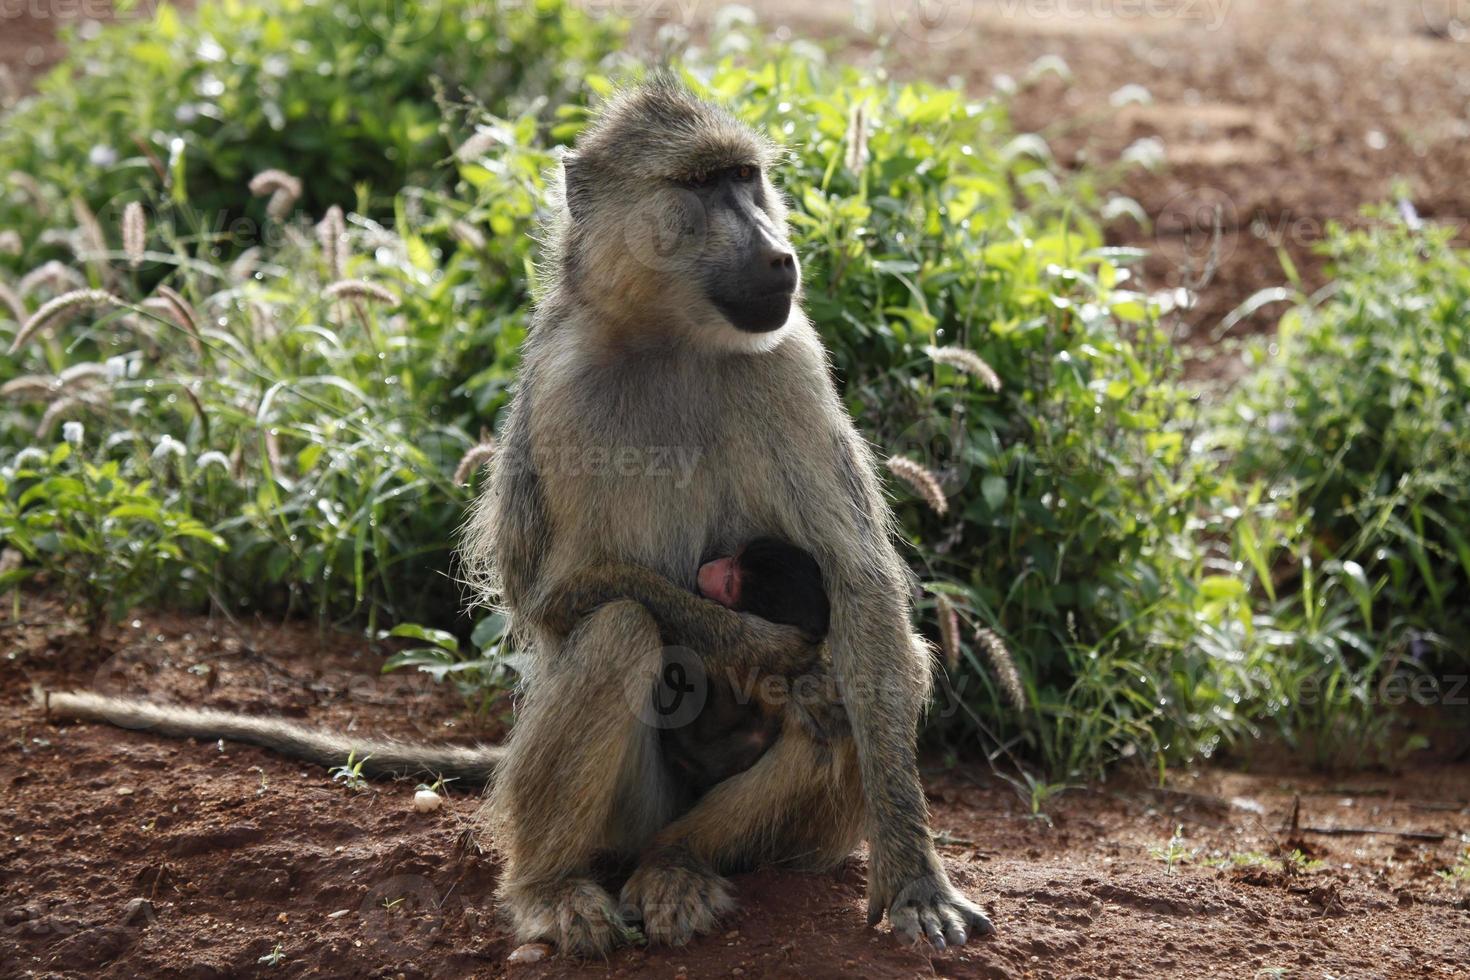 macacos no parque nacional tsavo east foto